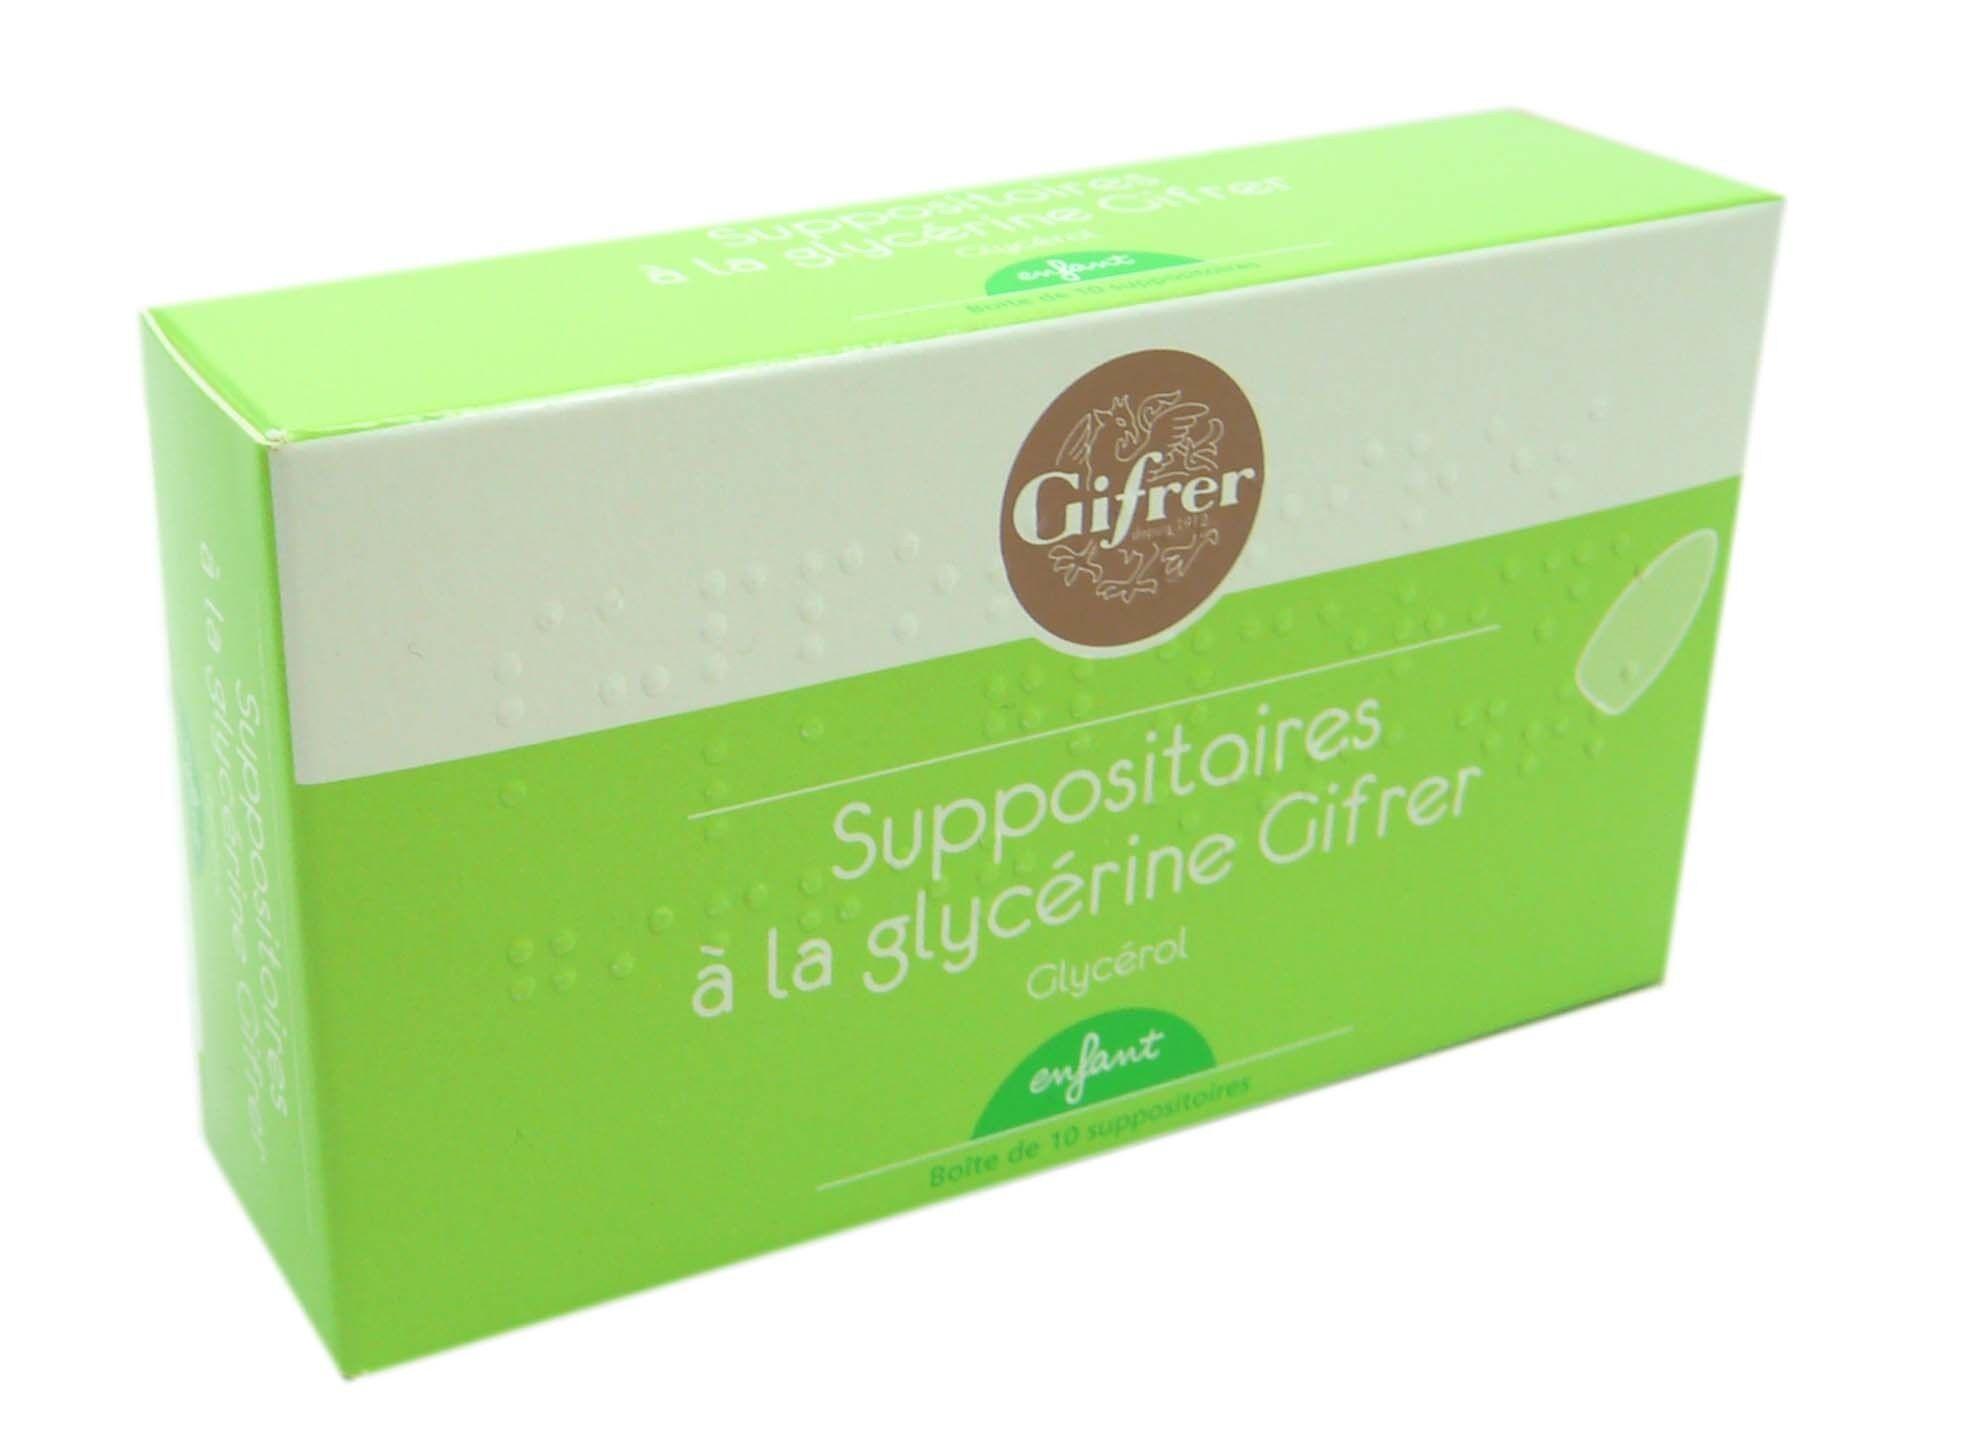 Gifrer suppositoires a la glycerine enfant  bt10